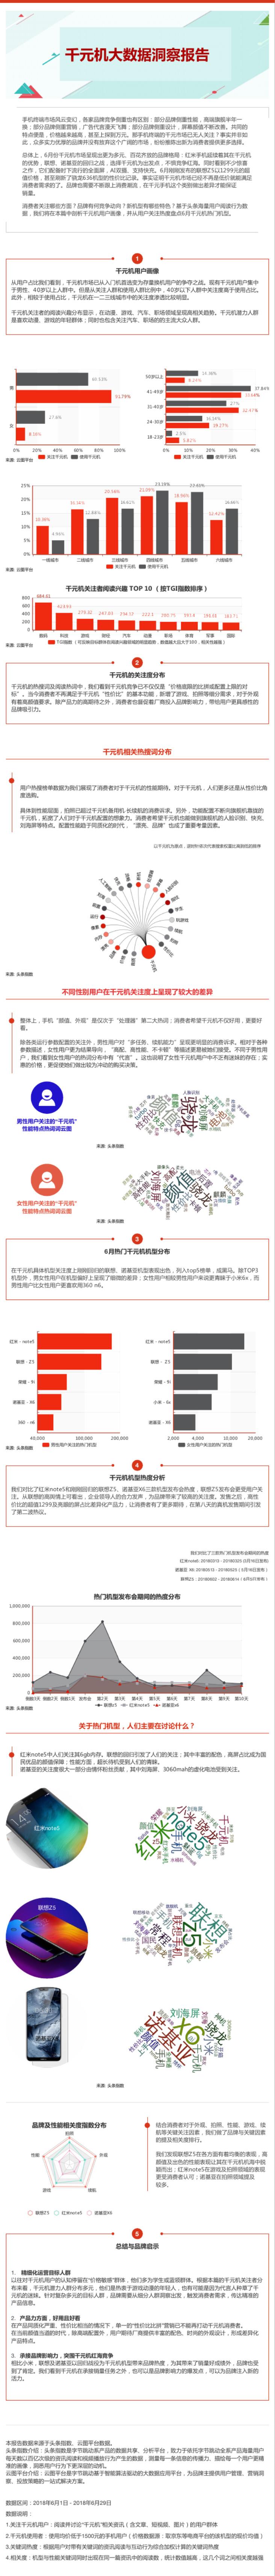 千元机大数据洞察报告–信息图